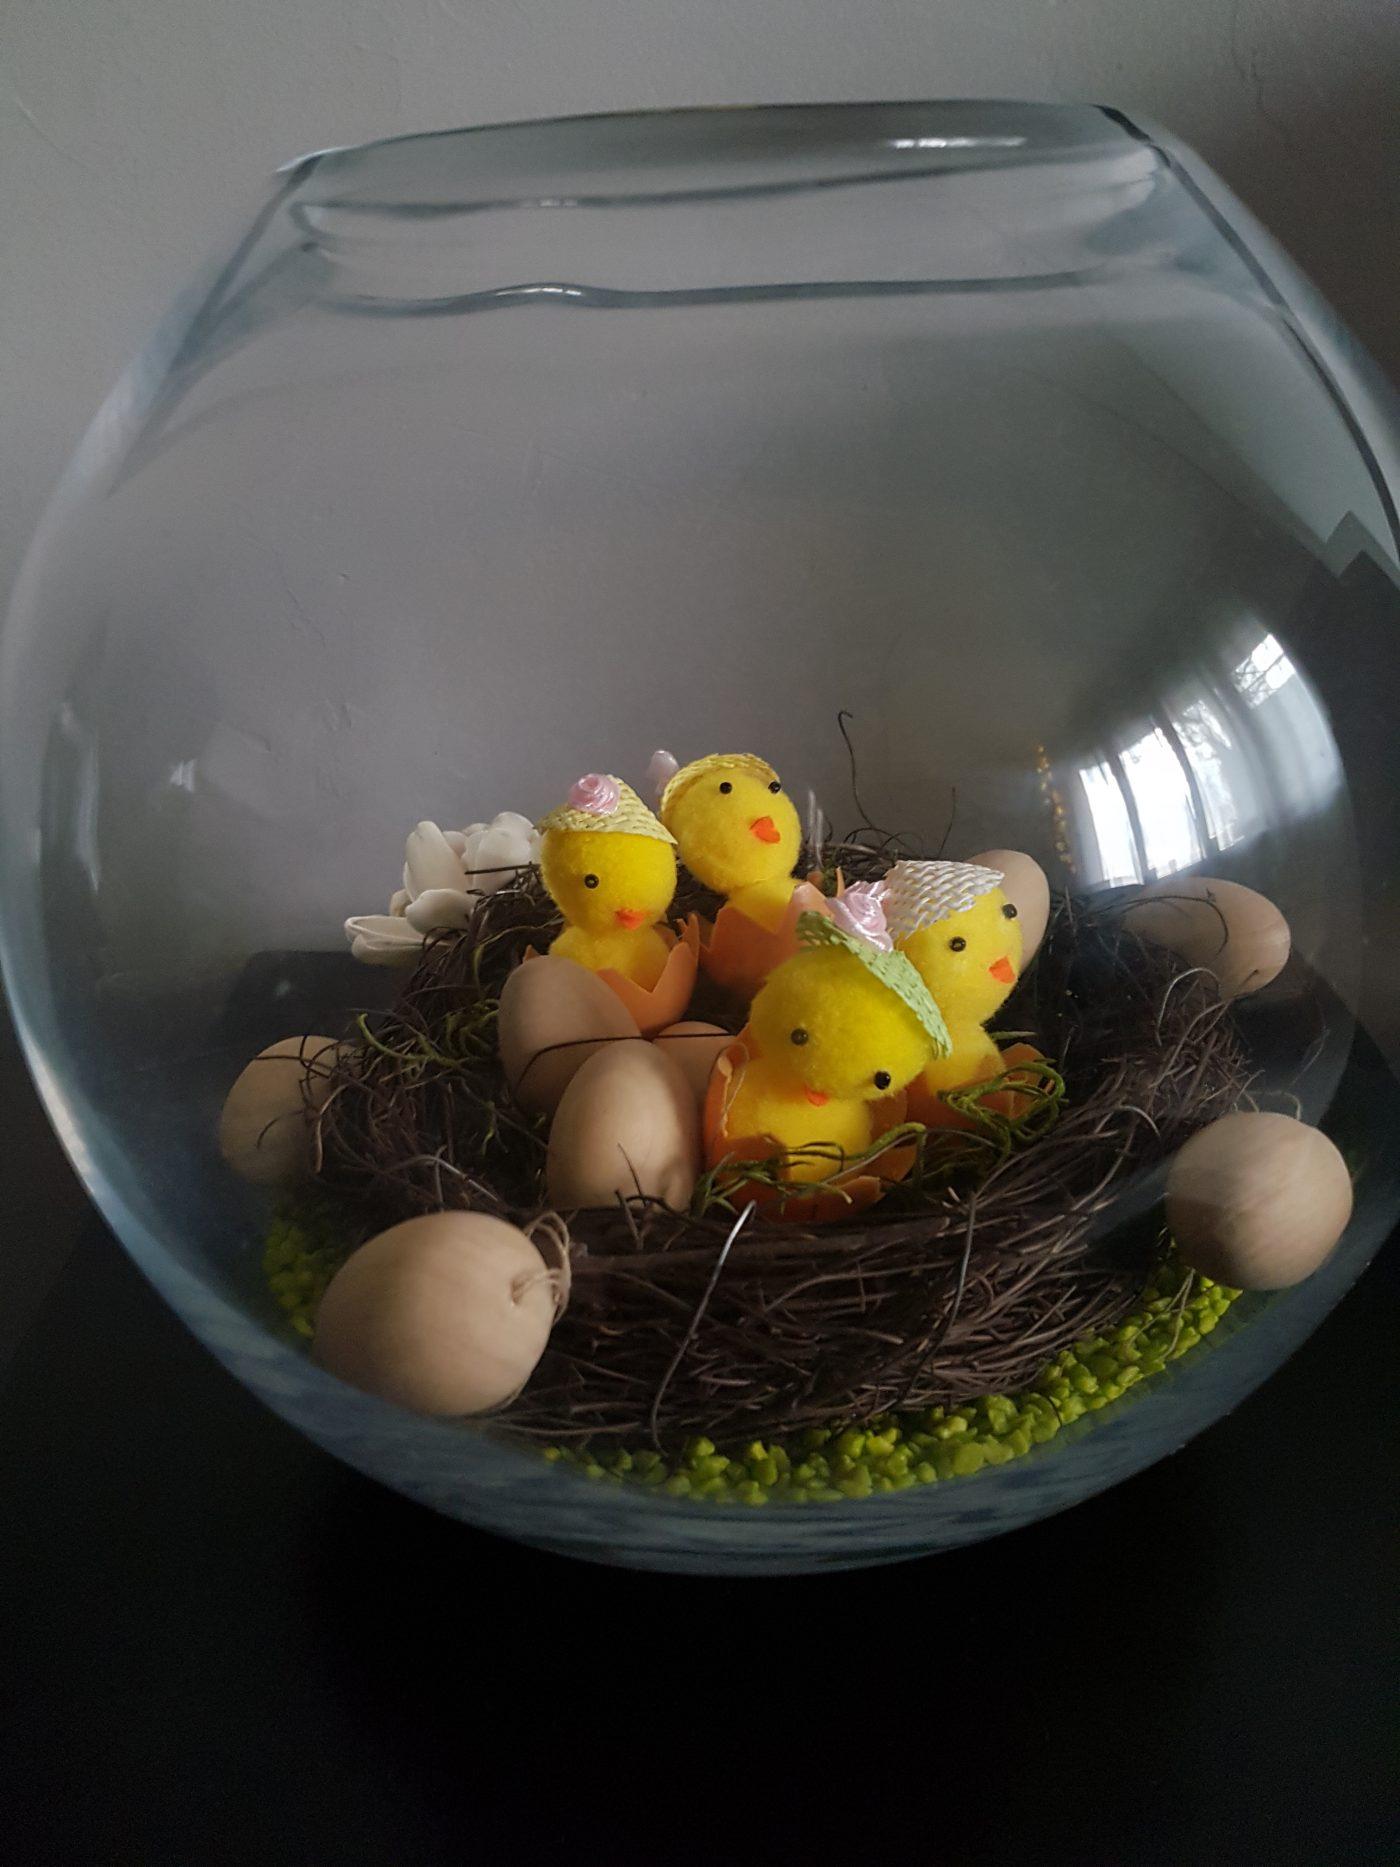 Le printemps arrive et pâques aussi !!!